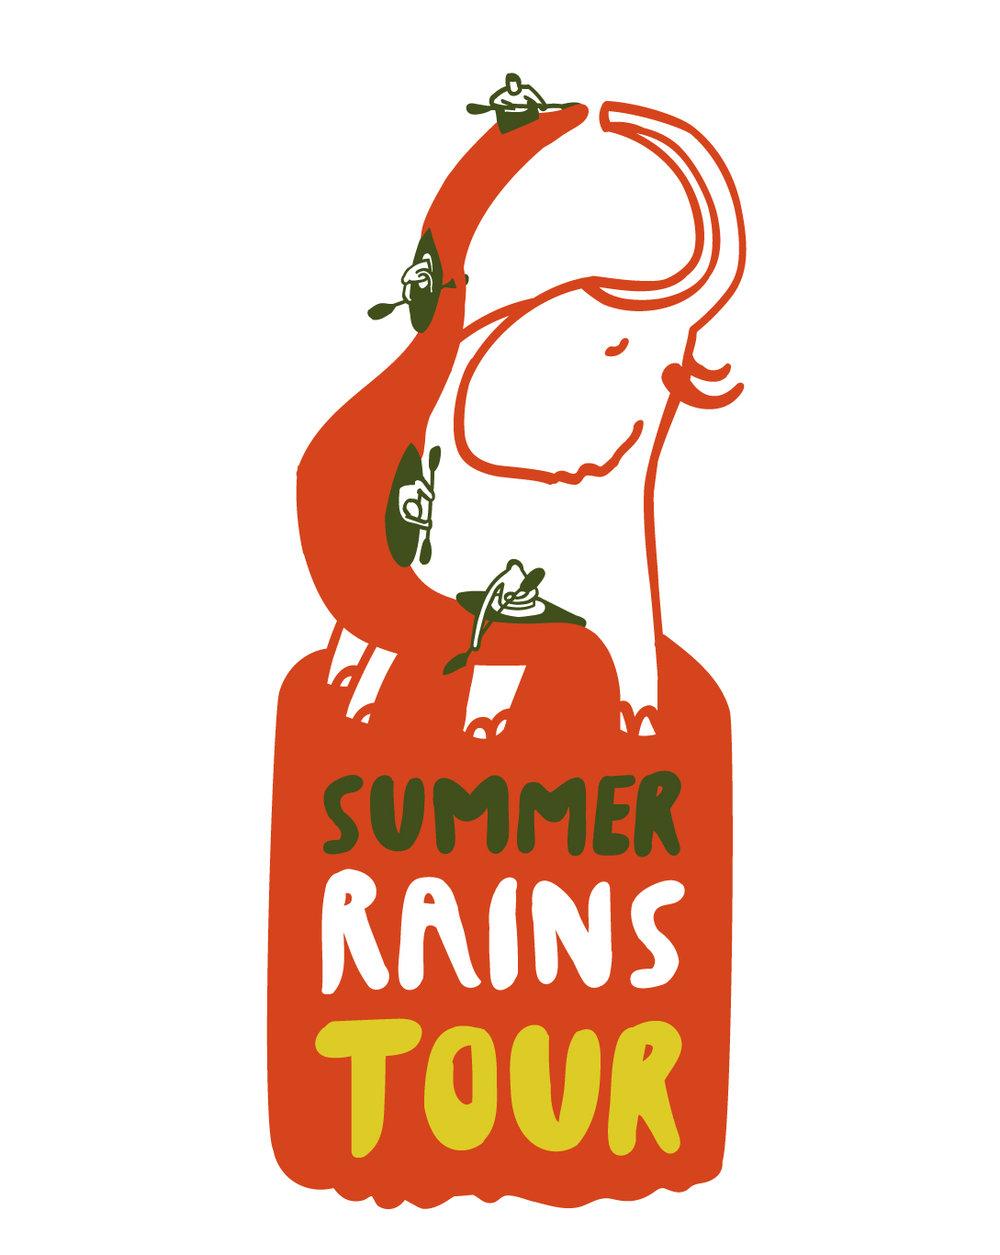 Summer Rains Tour